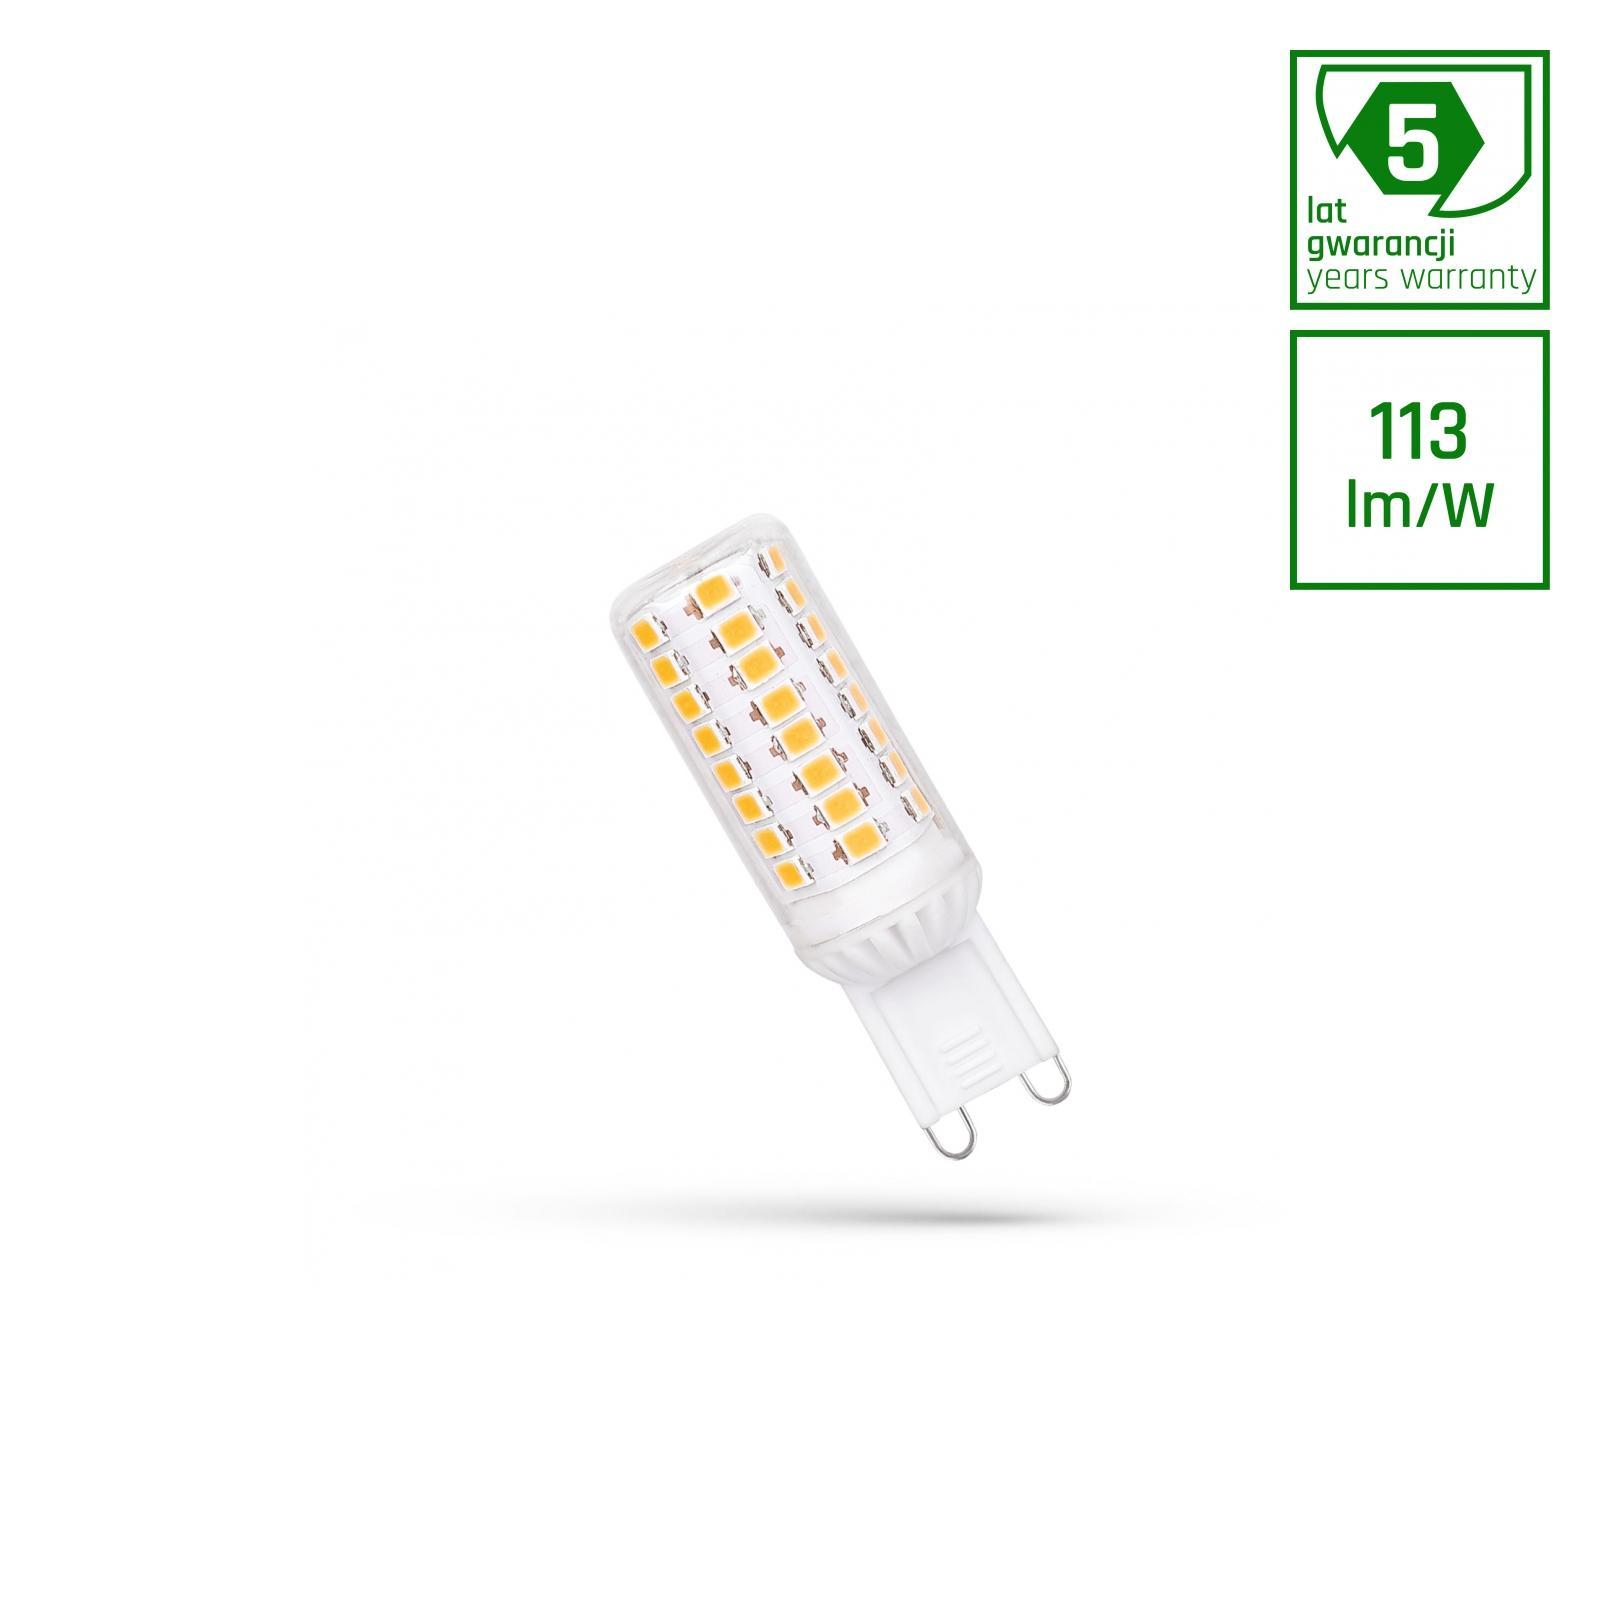 LED G9 230V 4.5W Teplá bílá SMD 5 LAT PREMIUM SPECTRUM